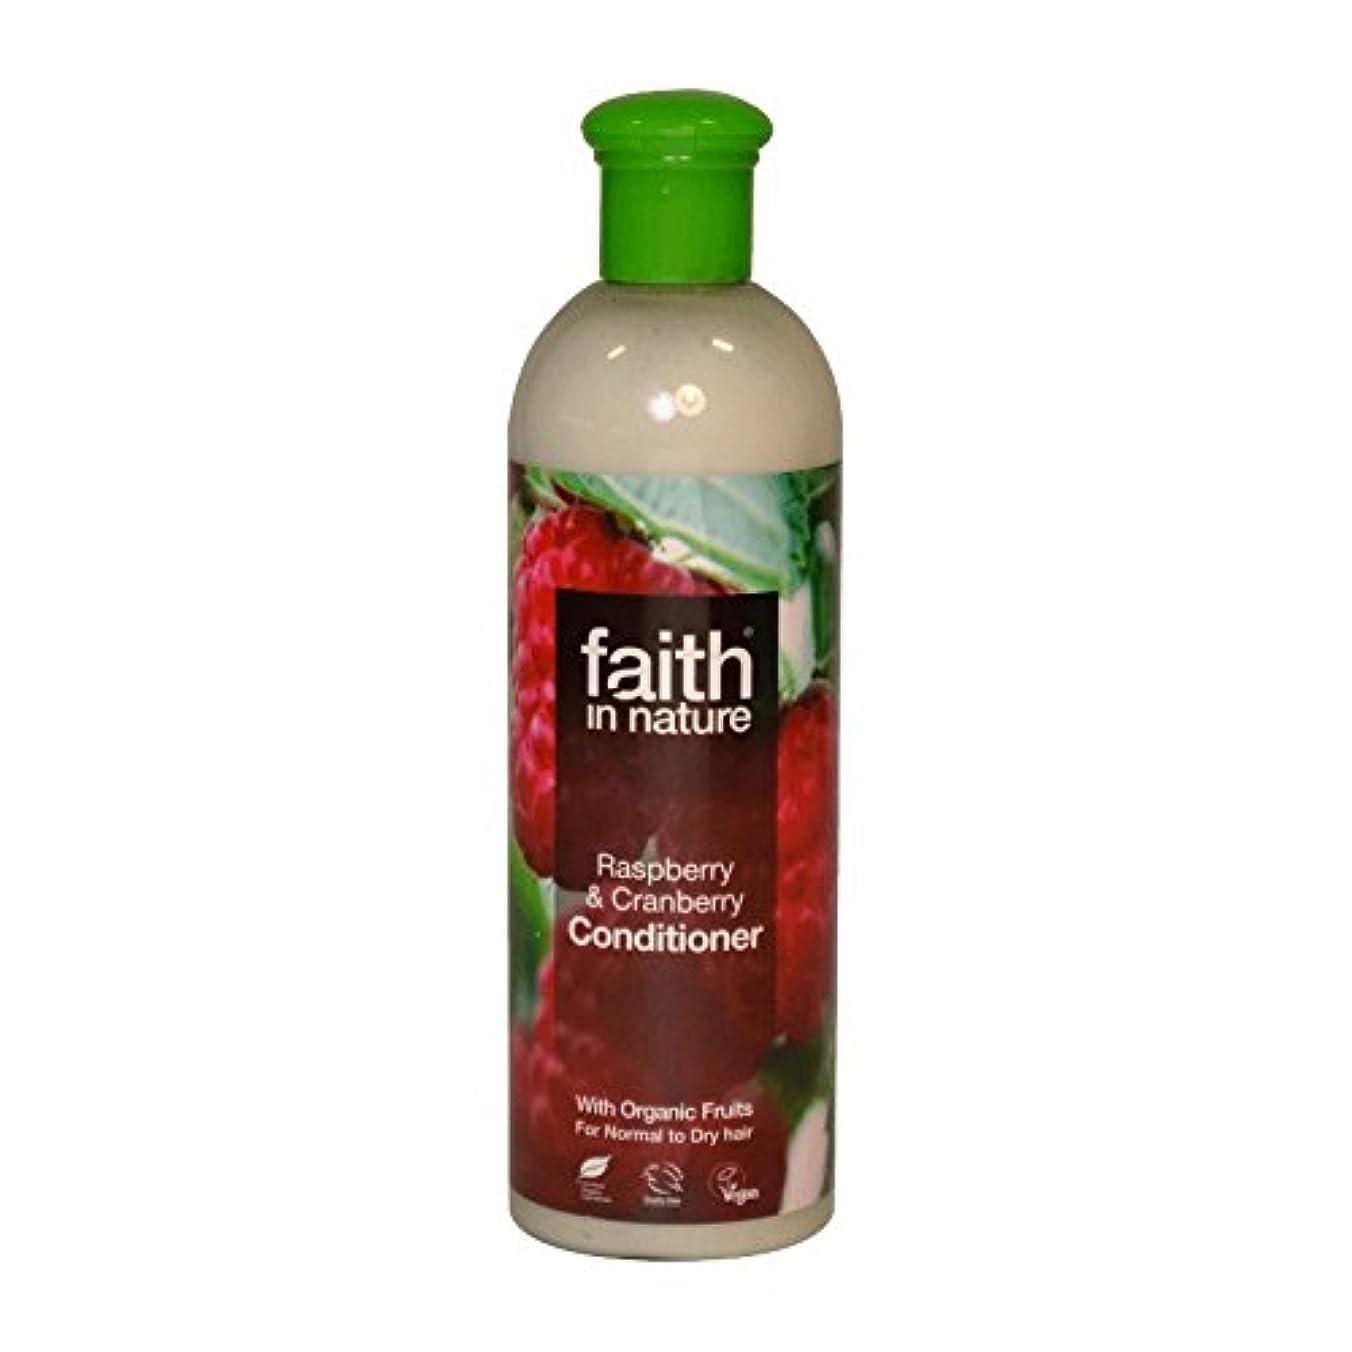 自然ラズベリー&クランベリーコンディショナー400ミリリットルの信仰 - Faith in Nature Raspberry & Cranberry Conditioner 400ml (Faith in Nature)...